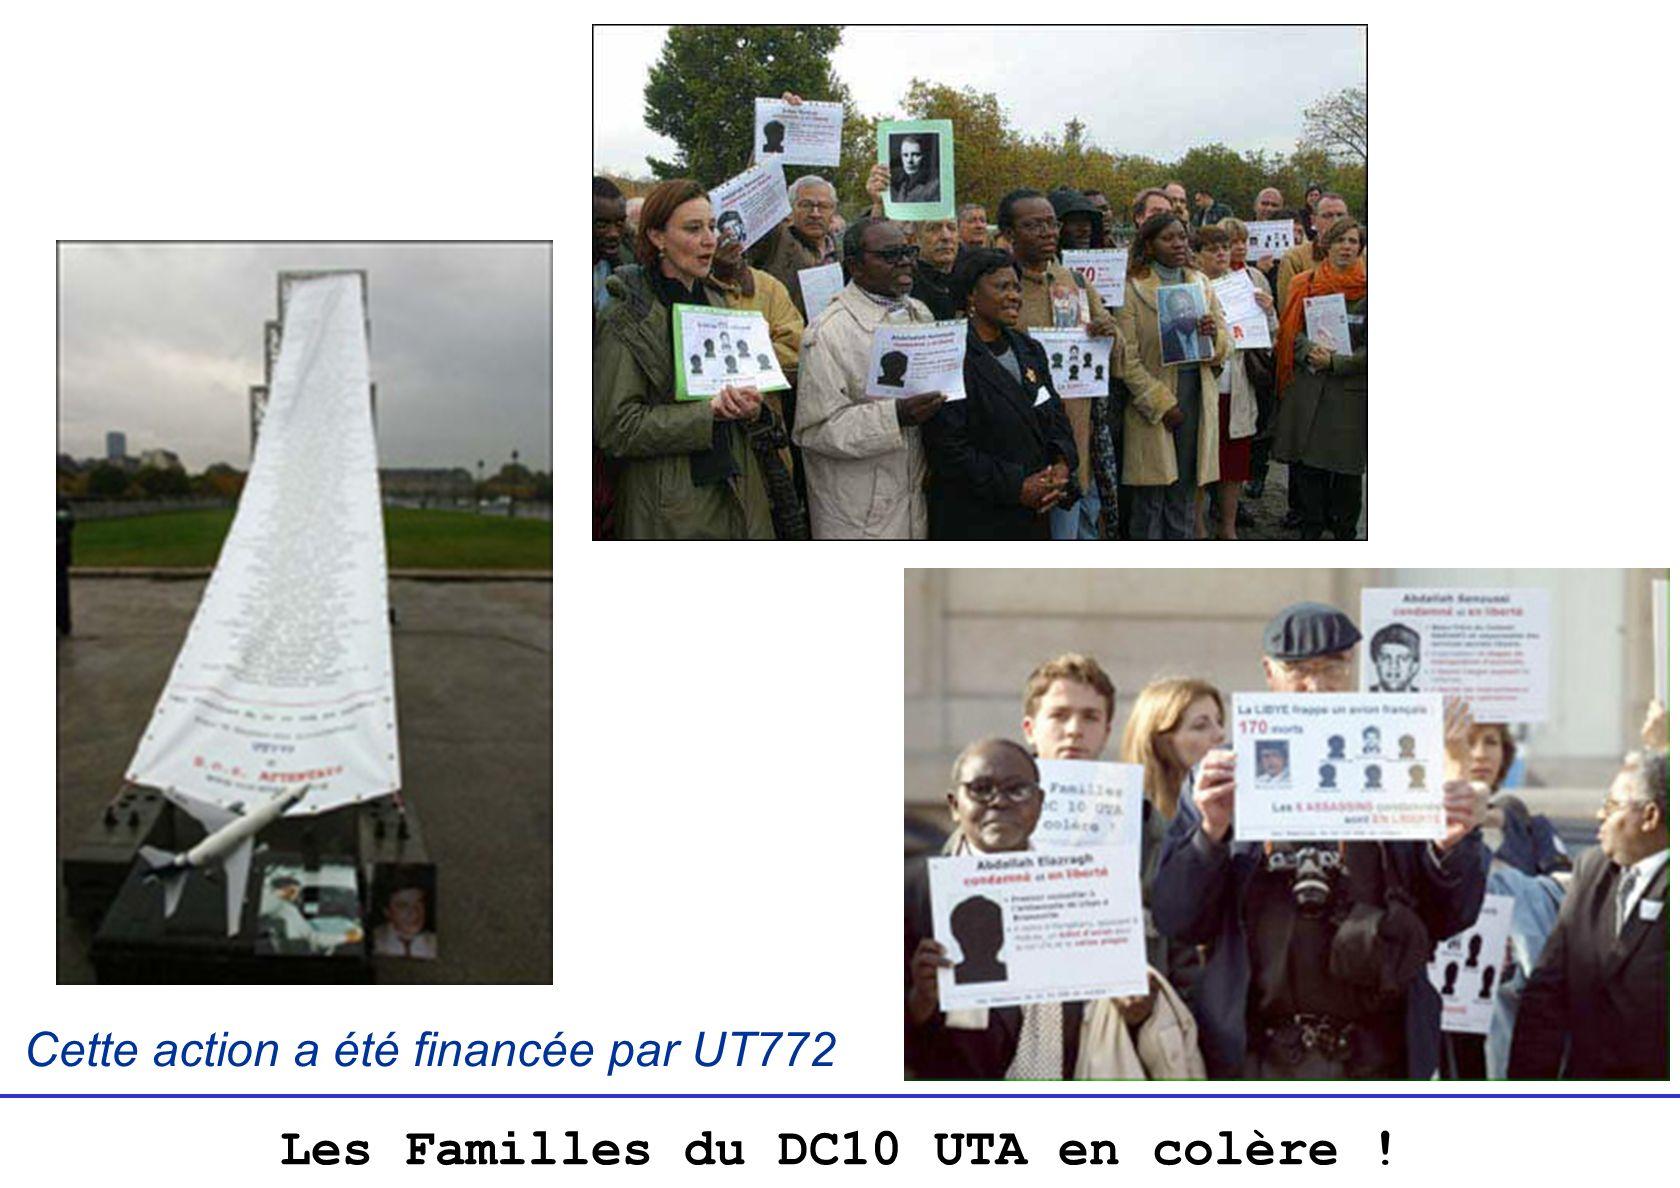 Les Familles du DC10 UTA en colère ! Cette action a été financée par UT772